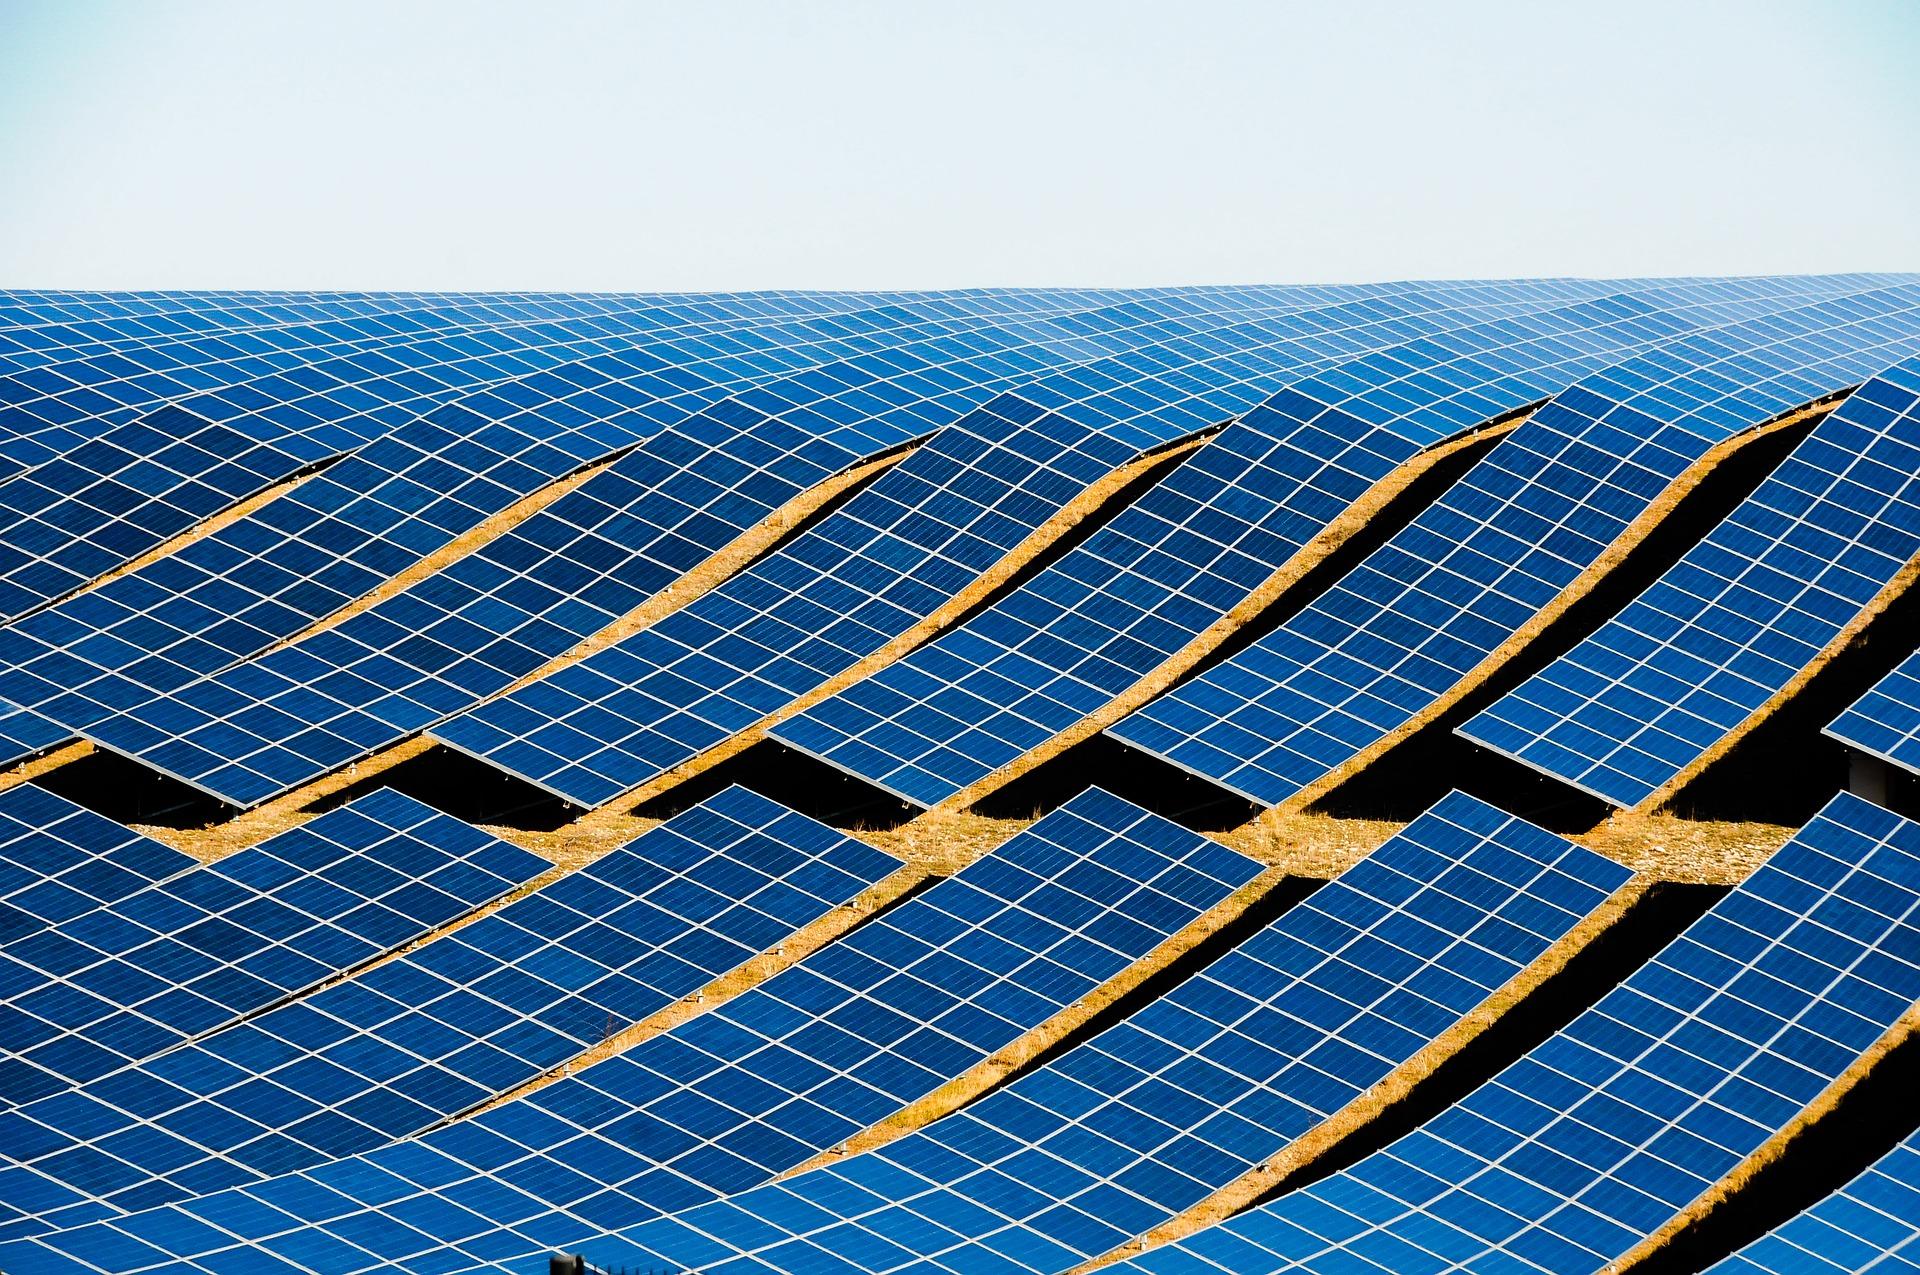 pannelli solari, fotovoltaico, ambiente